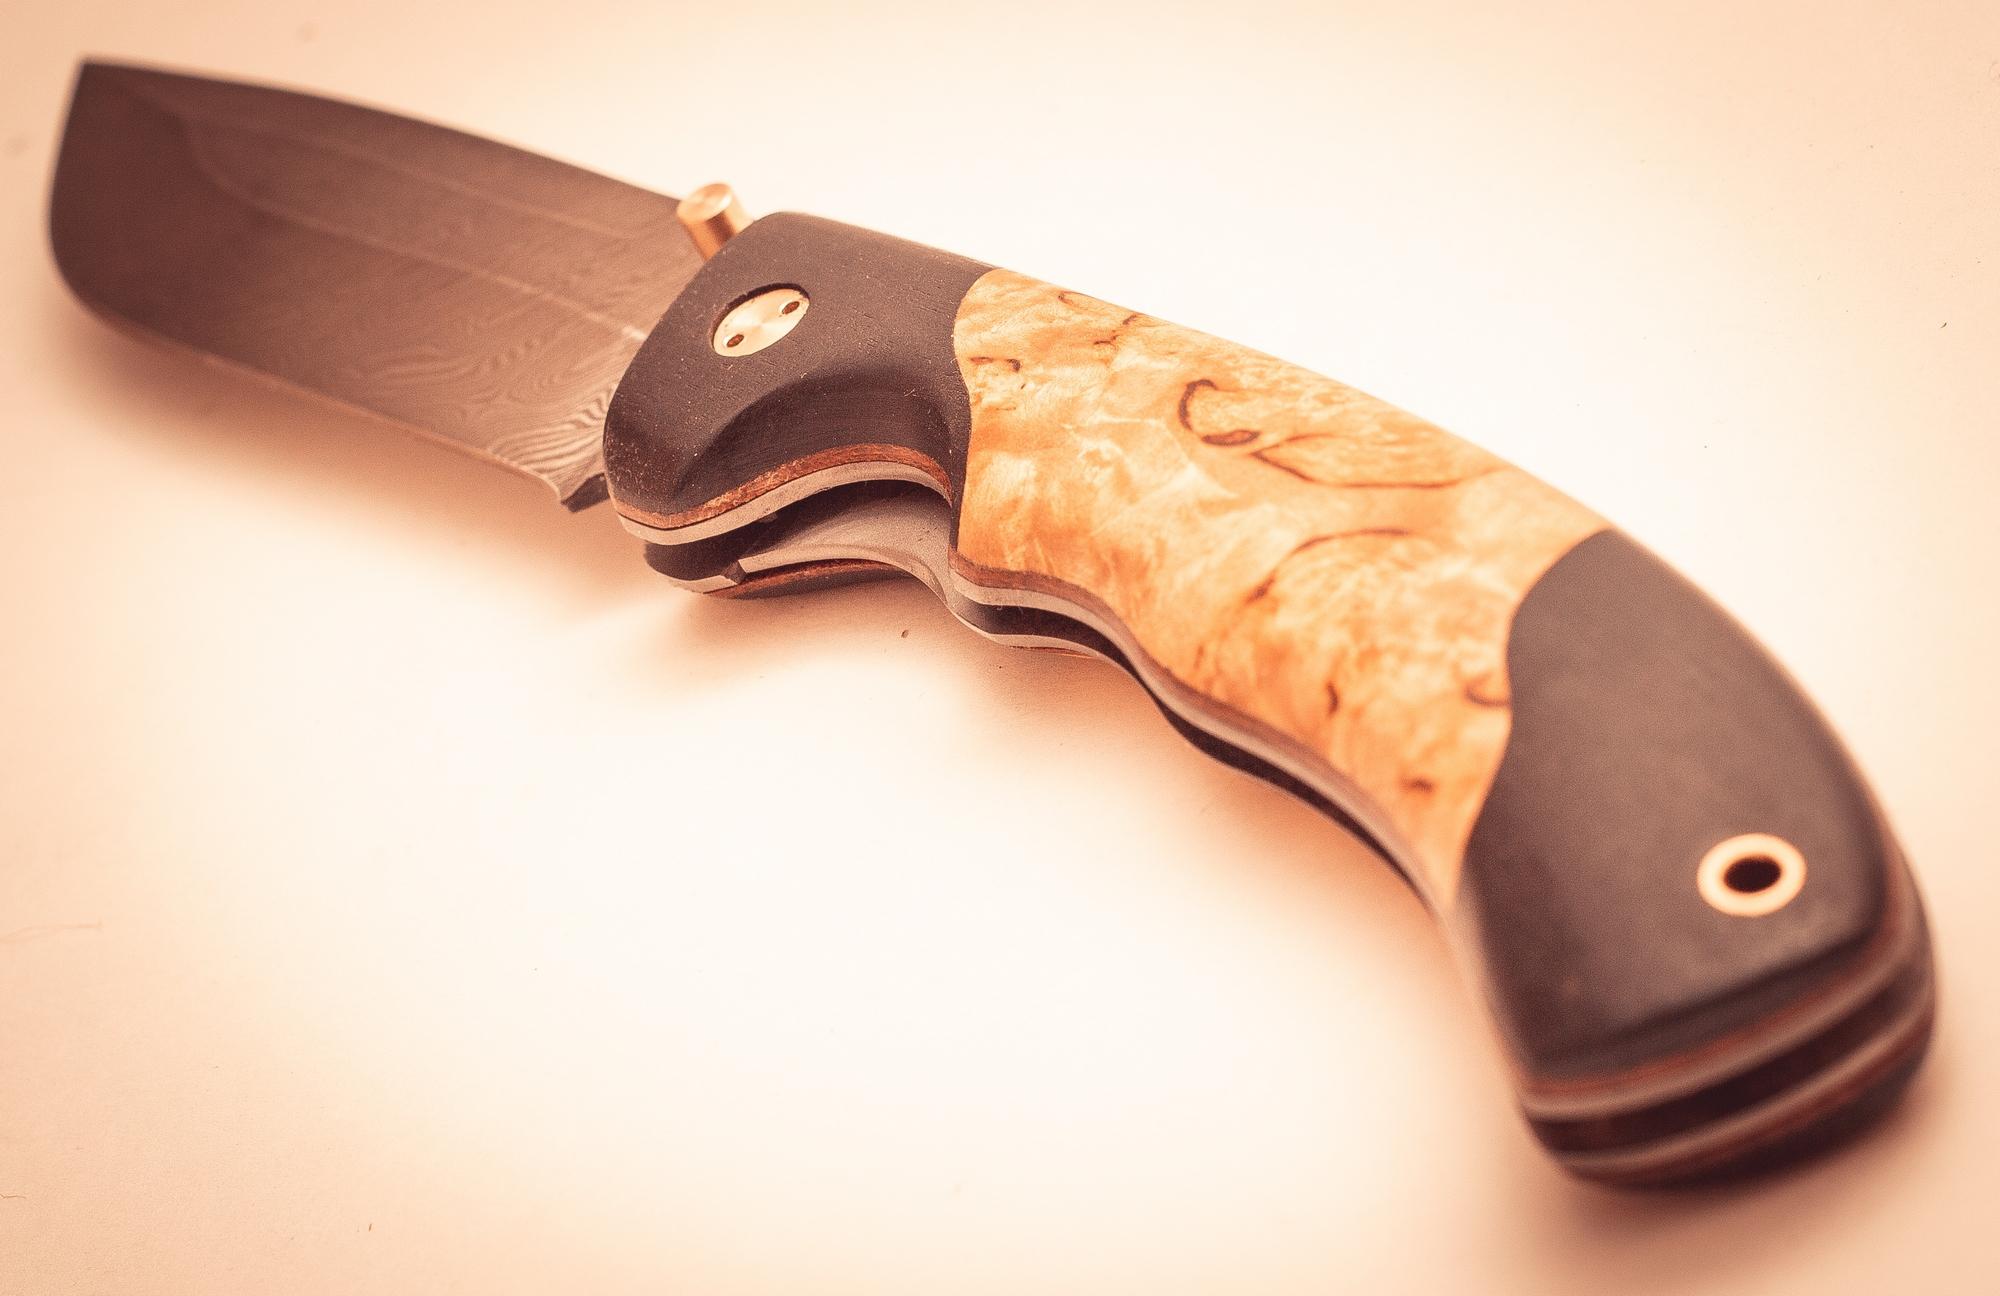 Фото 4 - Складной нож Половец, дамаск,  карельская береза от Марычев